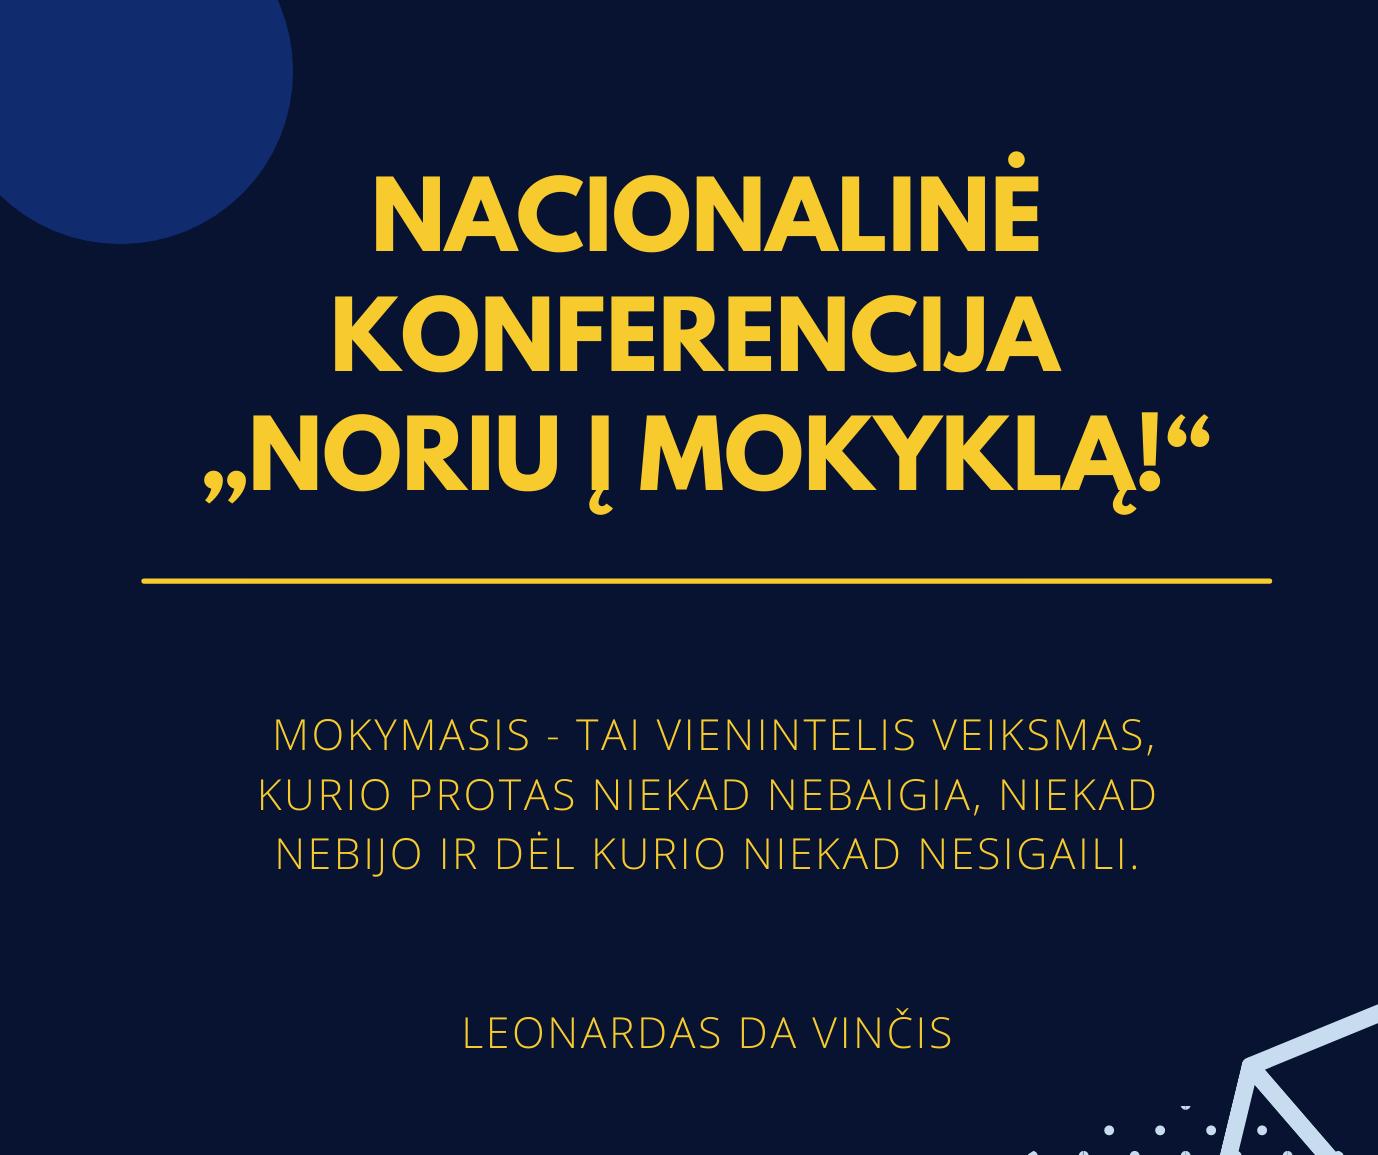 Nacionalinė konferencija